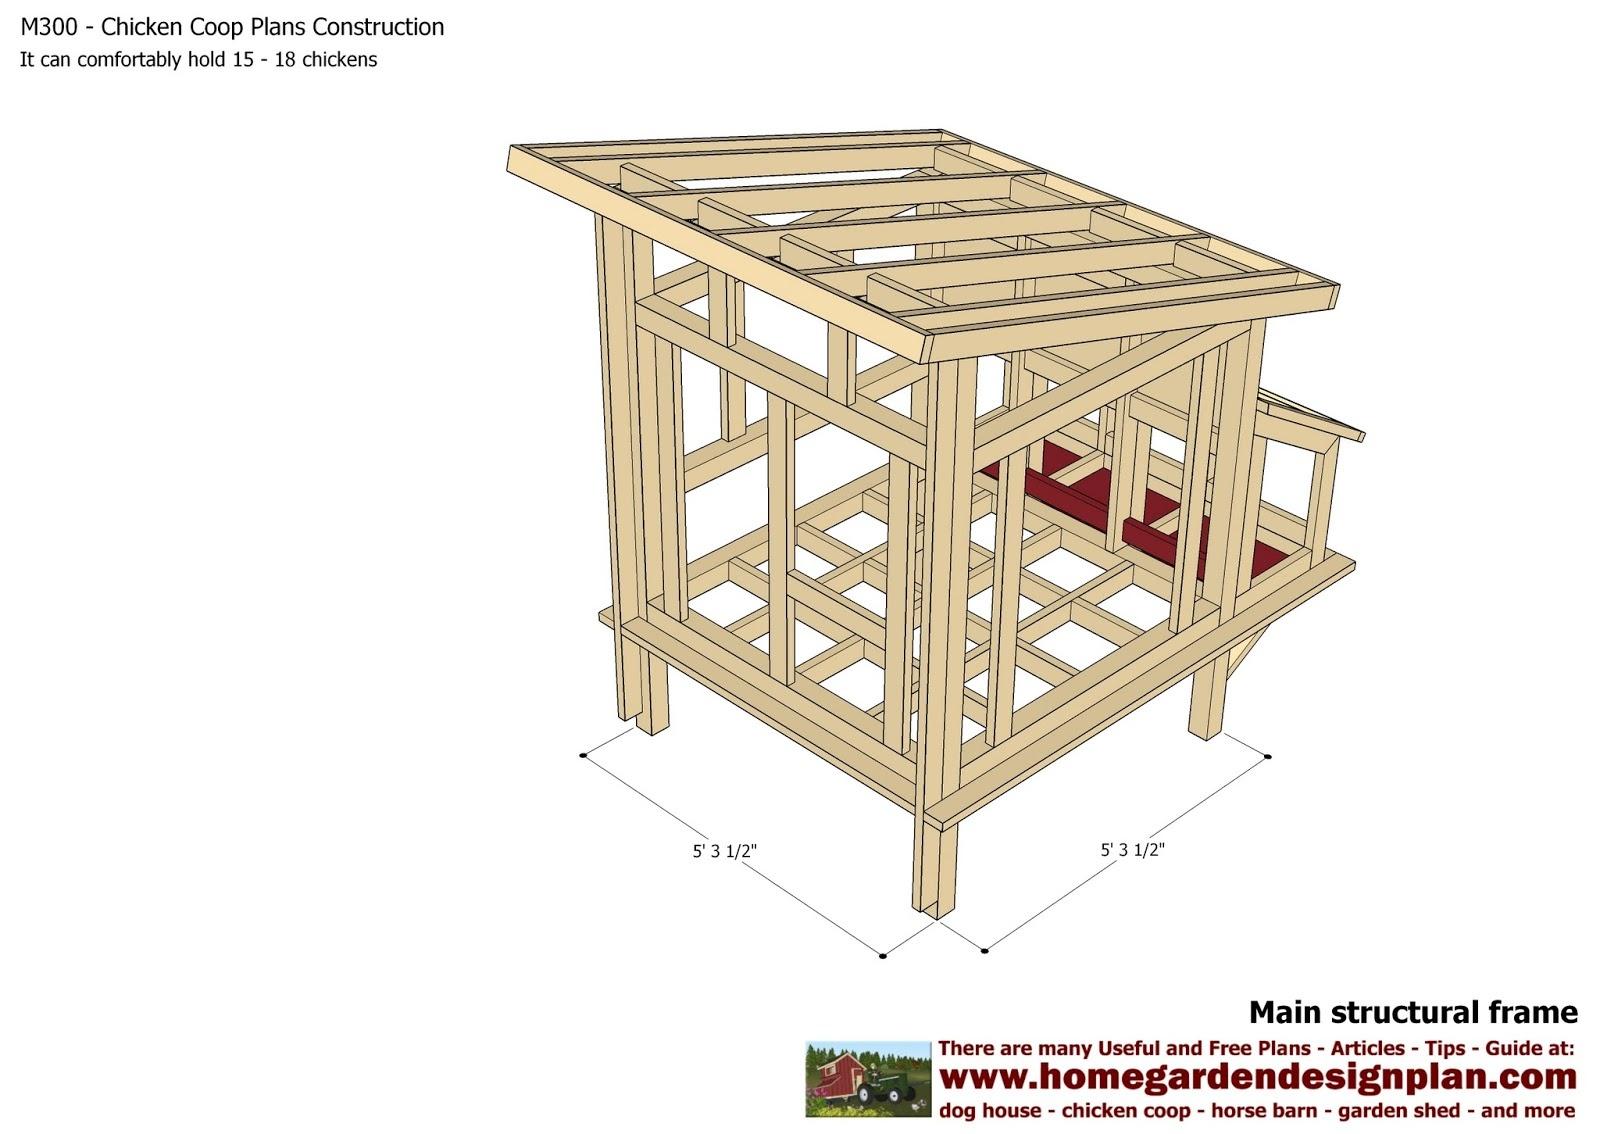 Home Garden Plans: M300 - Chicken Coop Plans - Chicken Coop Design - Free Printable Chicken Coop Plans